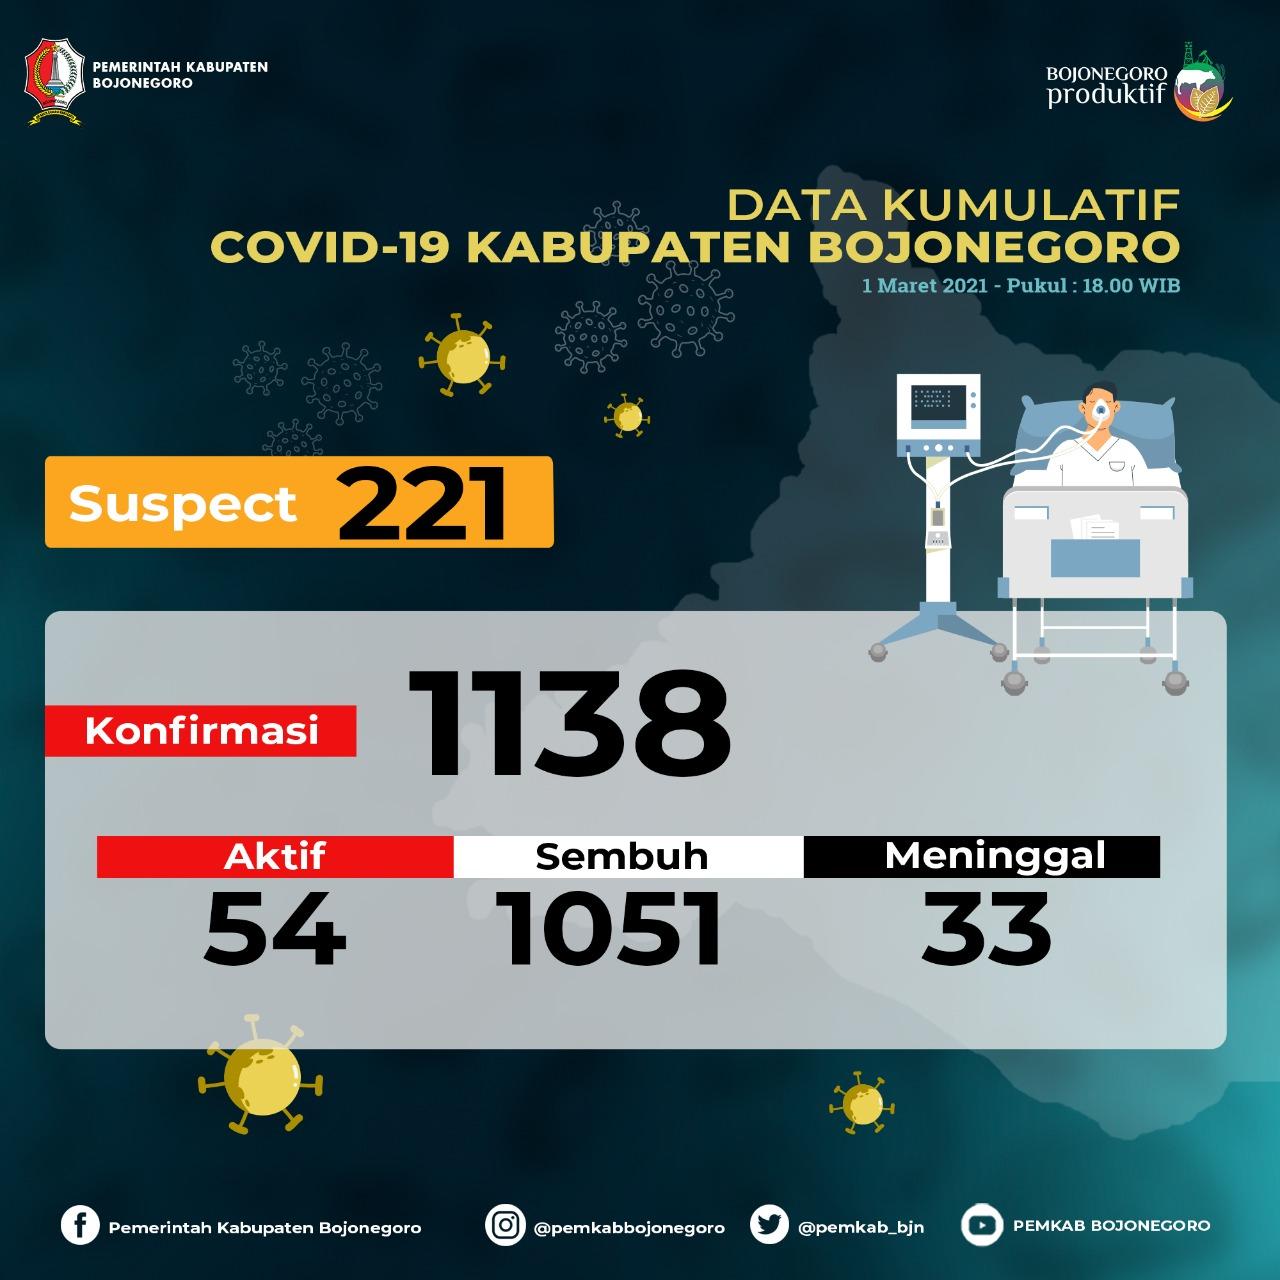 4 Hari Berturut-turut, Kasus Konfirmasi Positif di Bojonegoro Tetap 54 Orang